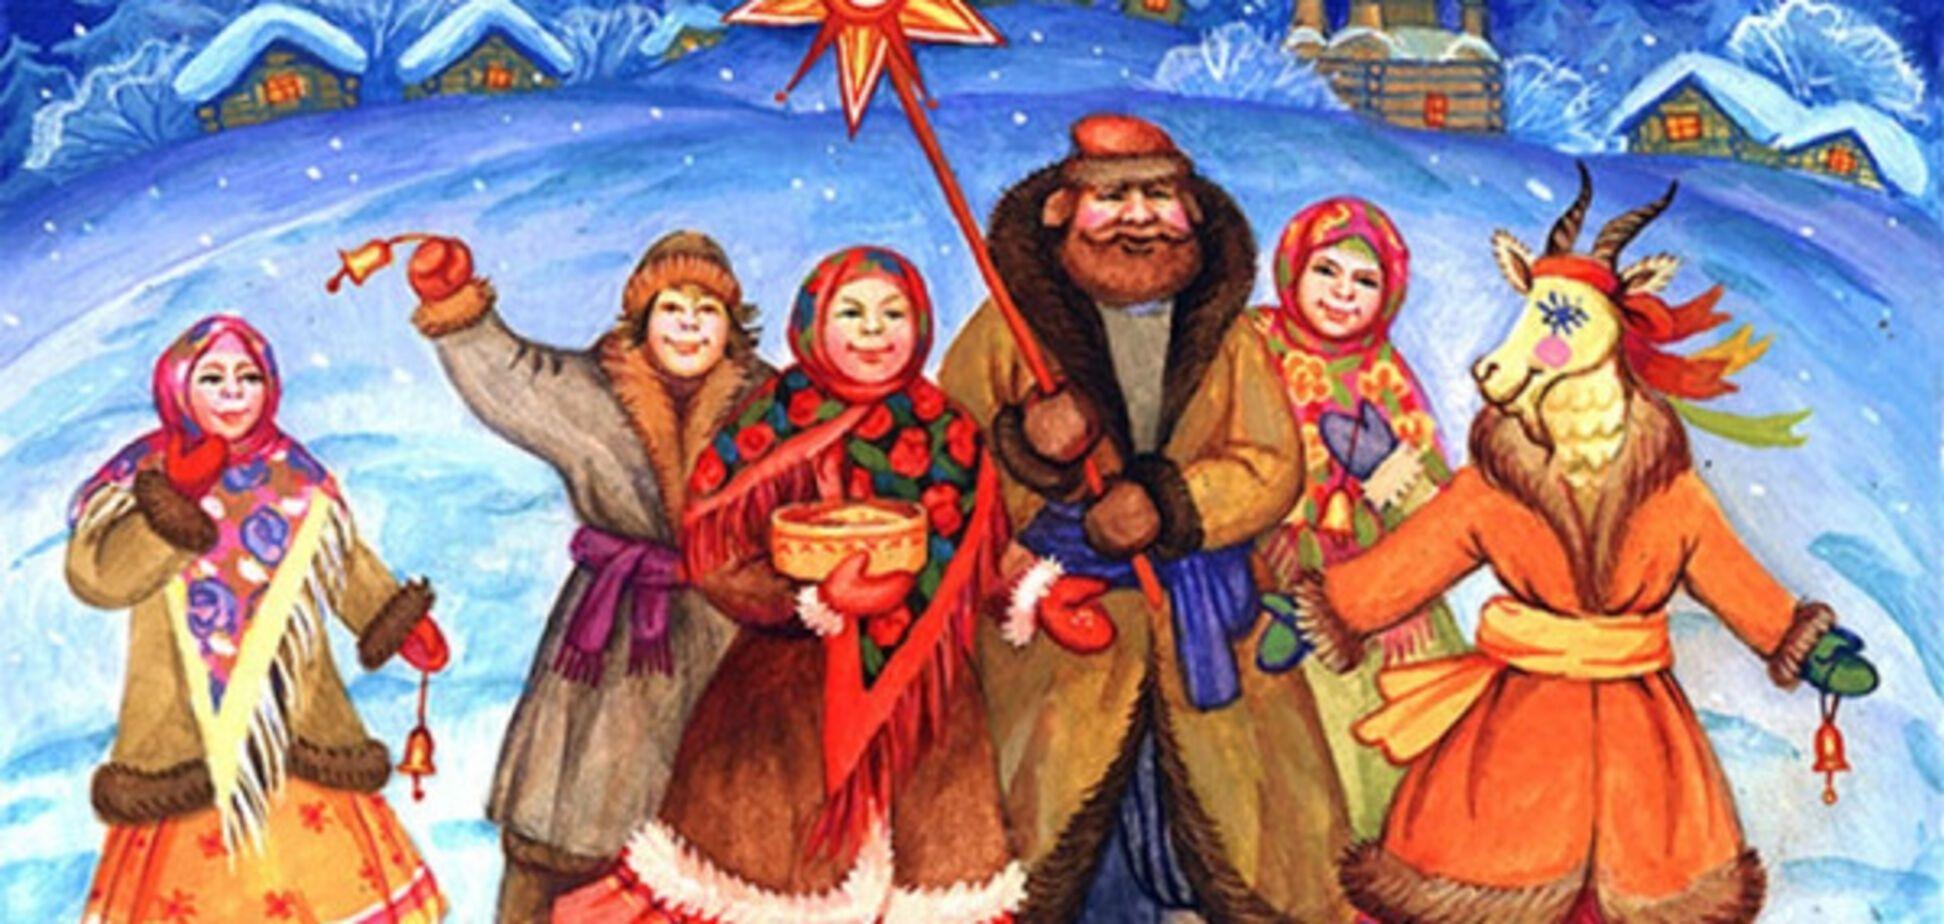 Запоріжців запрошують відвідати Різдвяний фестиваль